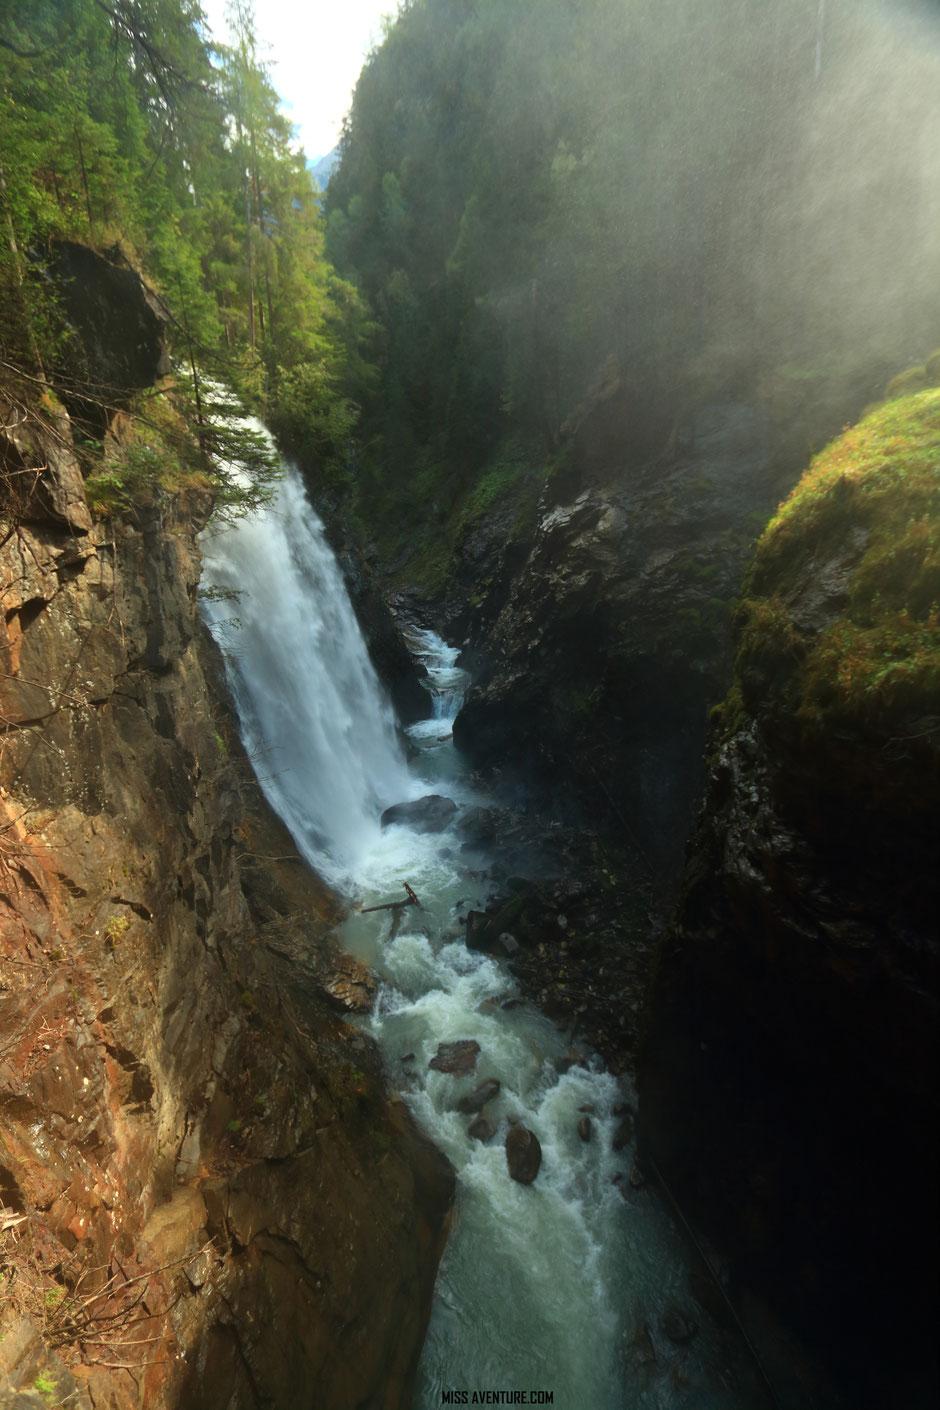 Cascade de Riva, ITALIE, road trip dans les Dolomites. www.missaventure.com blog voyage d'aventure nature et photos